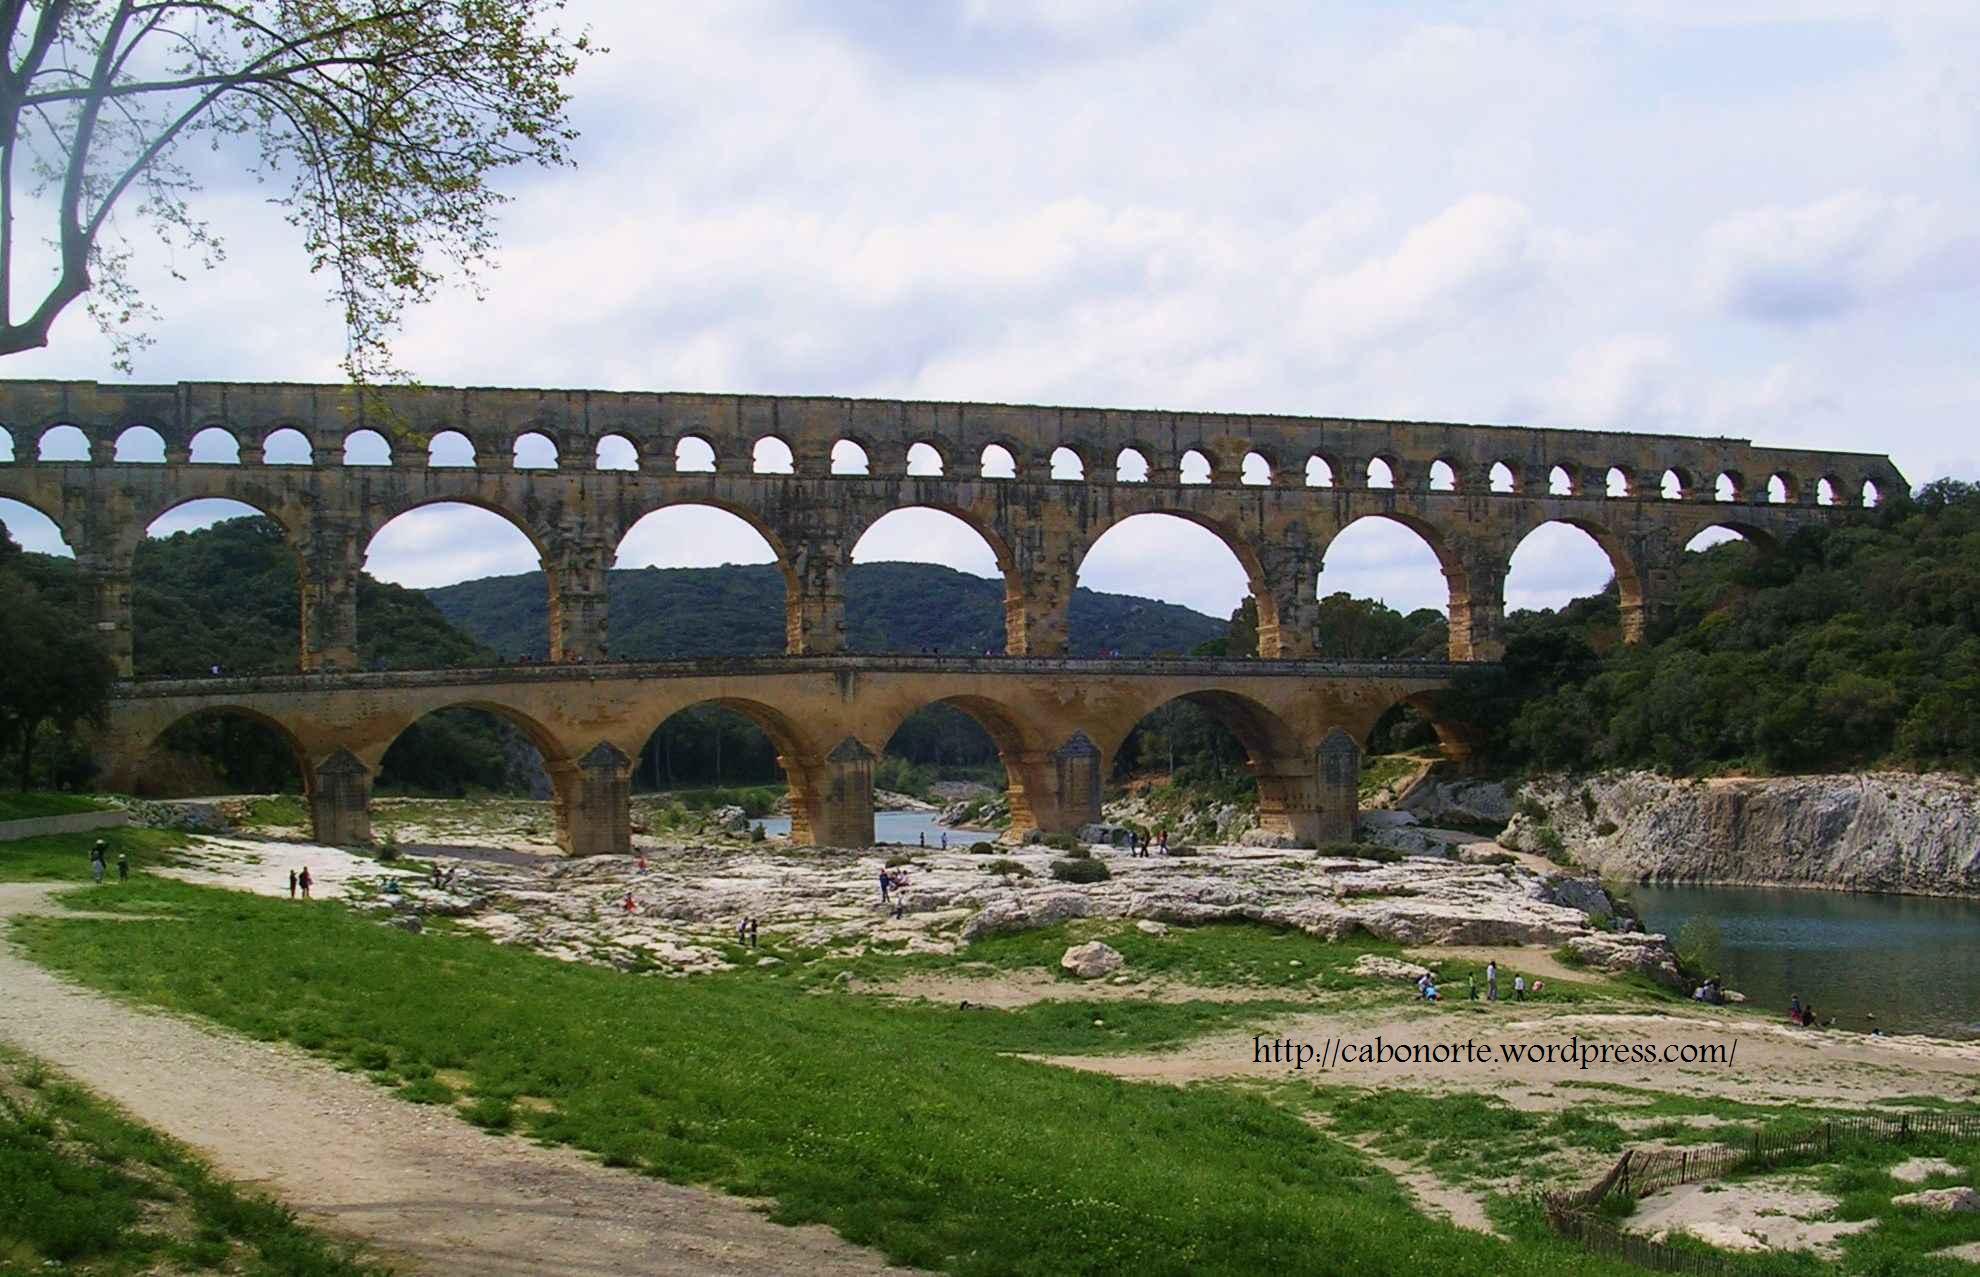 Pont du Gard, na Provenza. É o que está no billete de cinco euros. Abril de 2009